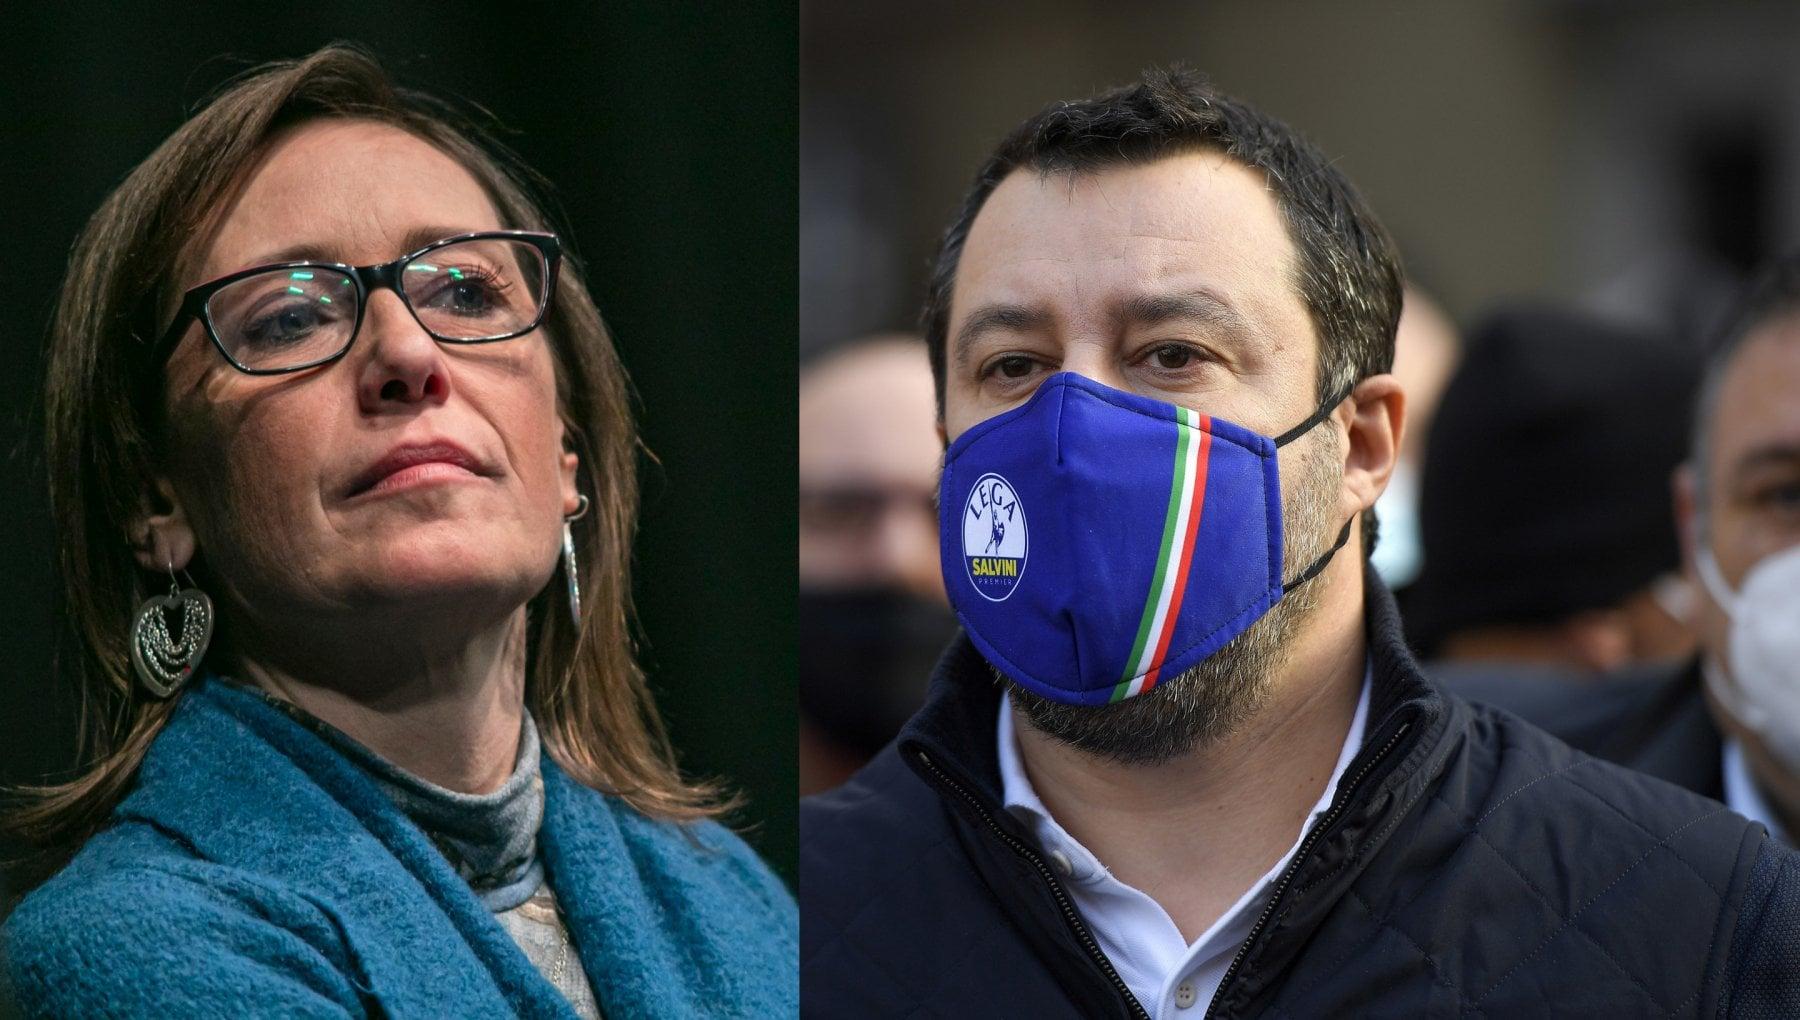 Caso Cucchi la sorella Ilaria defini Matteo Salvini sciacallo chiesta archiviazione ma lui si oppone